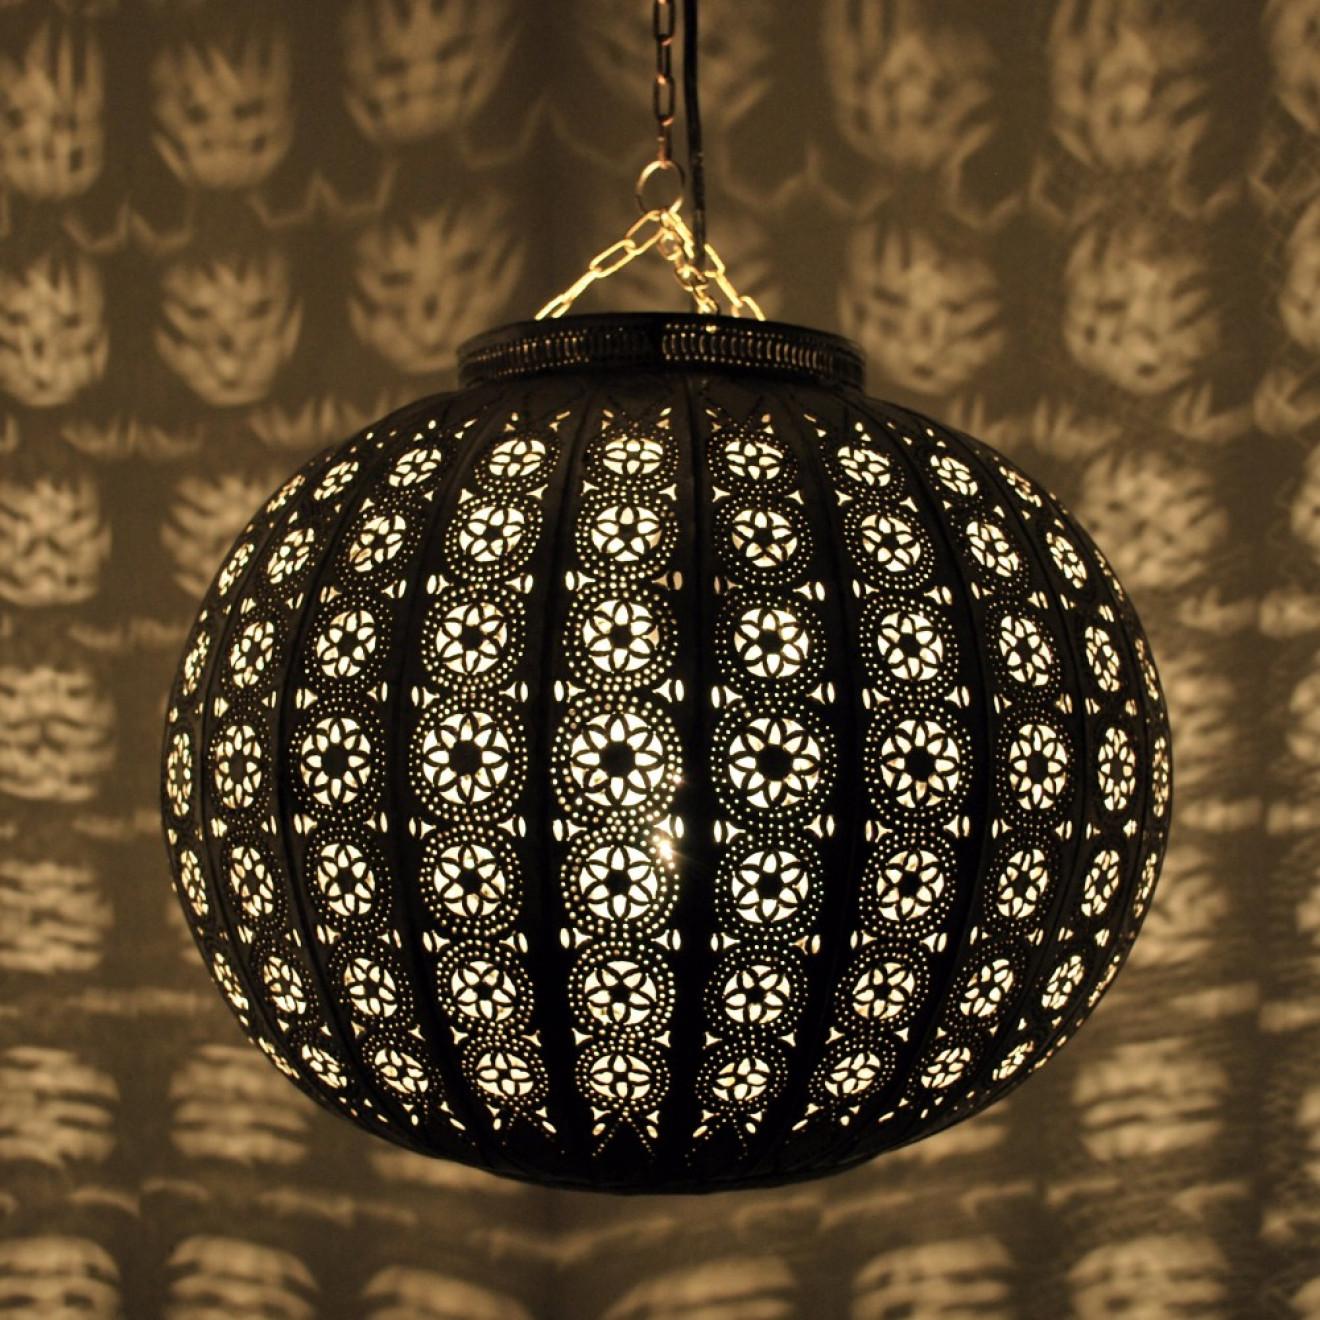 orientalische deckenleuchte kora kazdir m silber. Black Bedroom Furniture Sets. Home Design Ideas